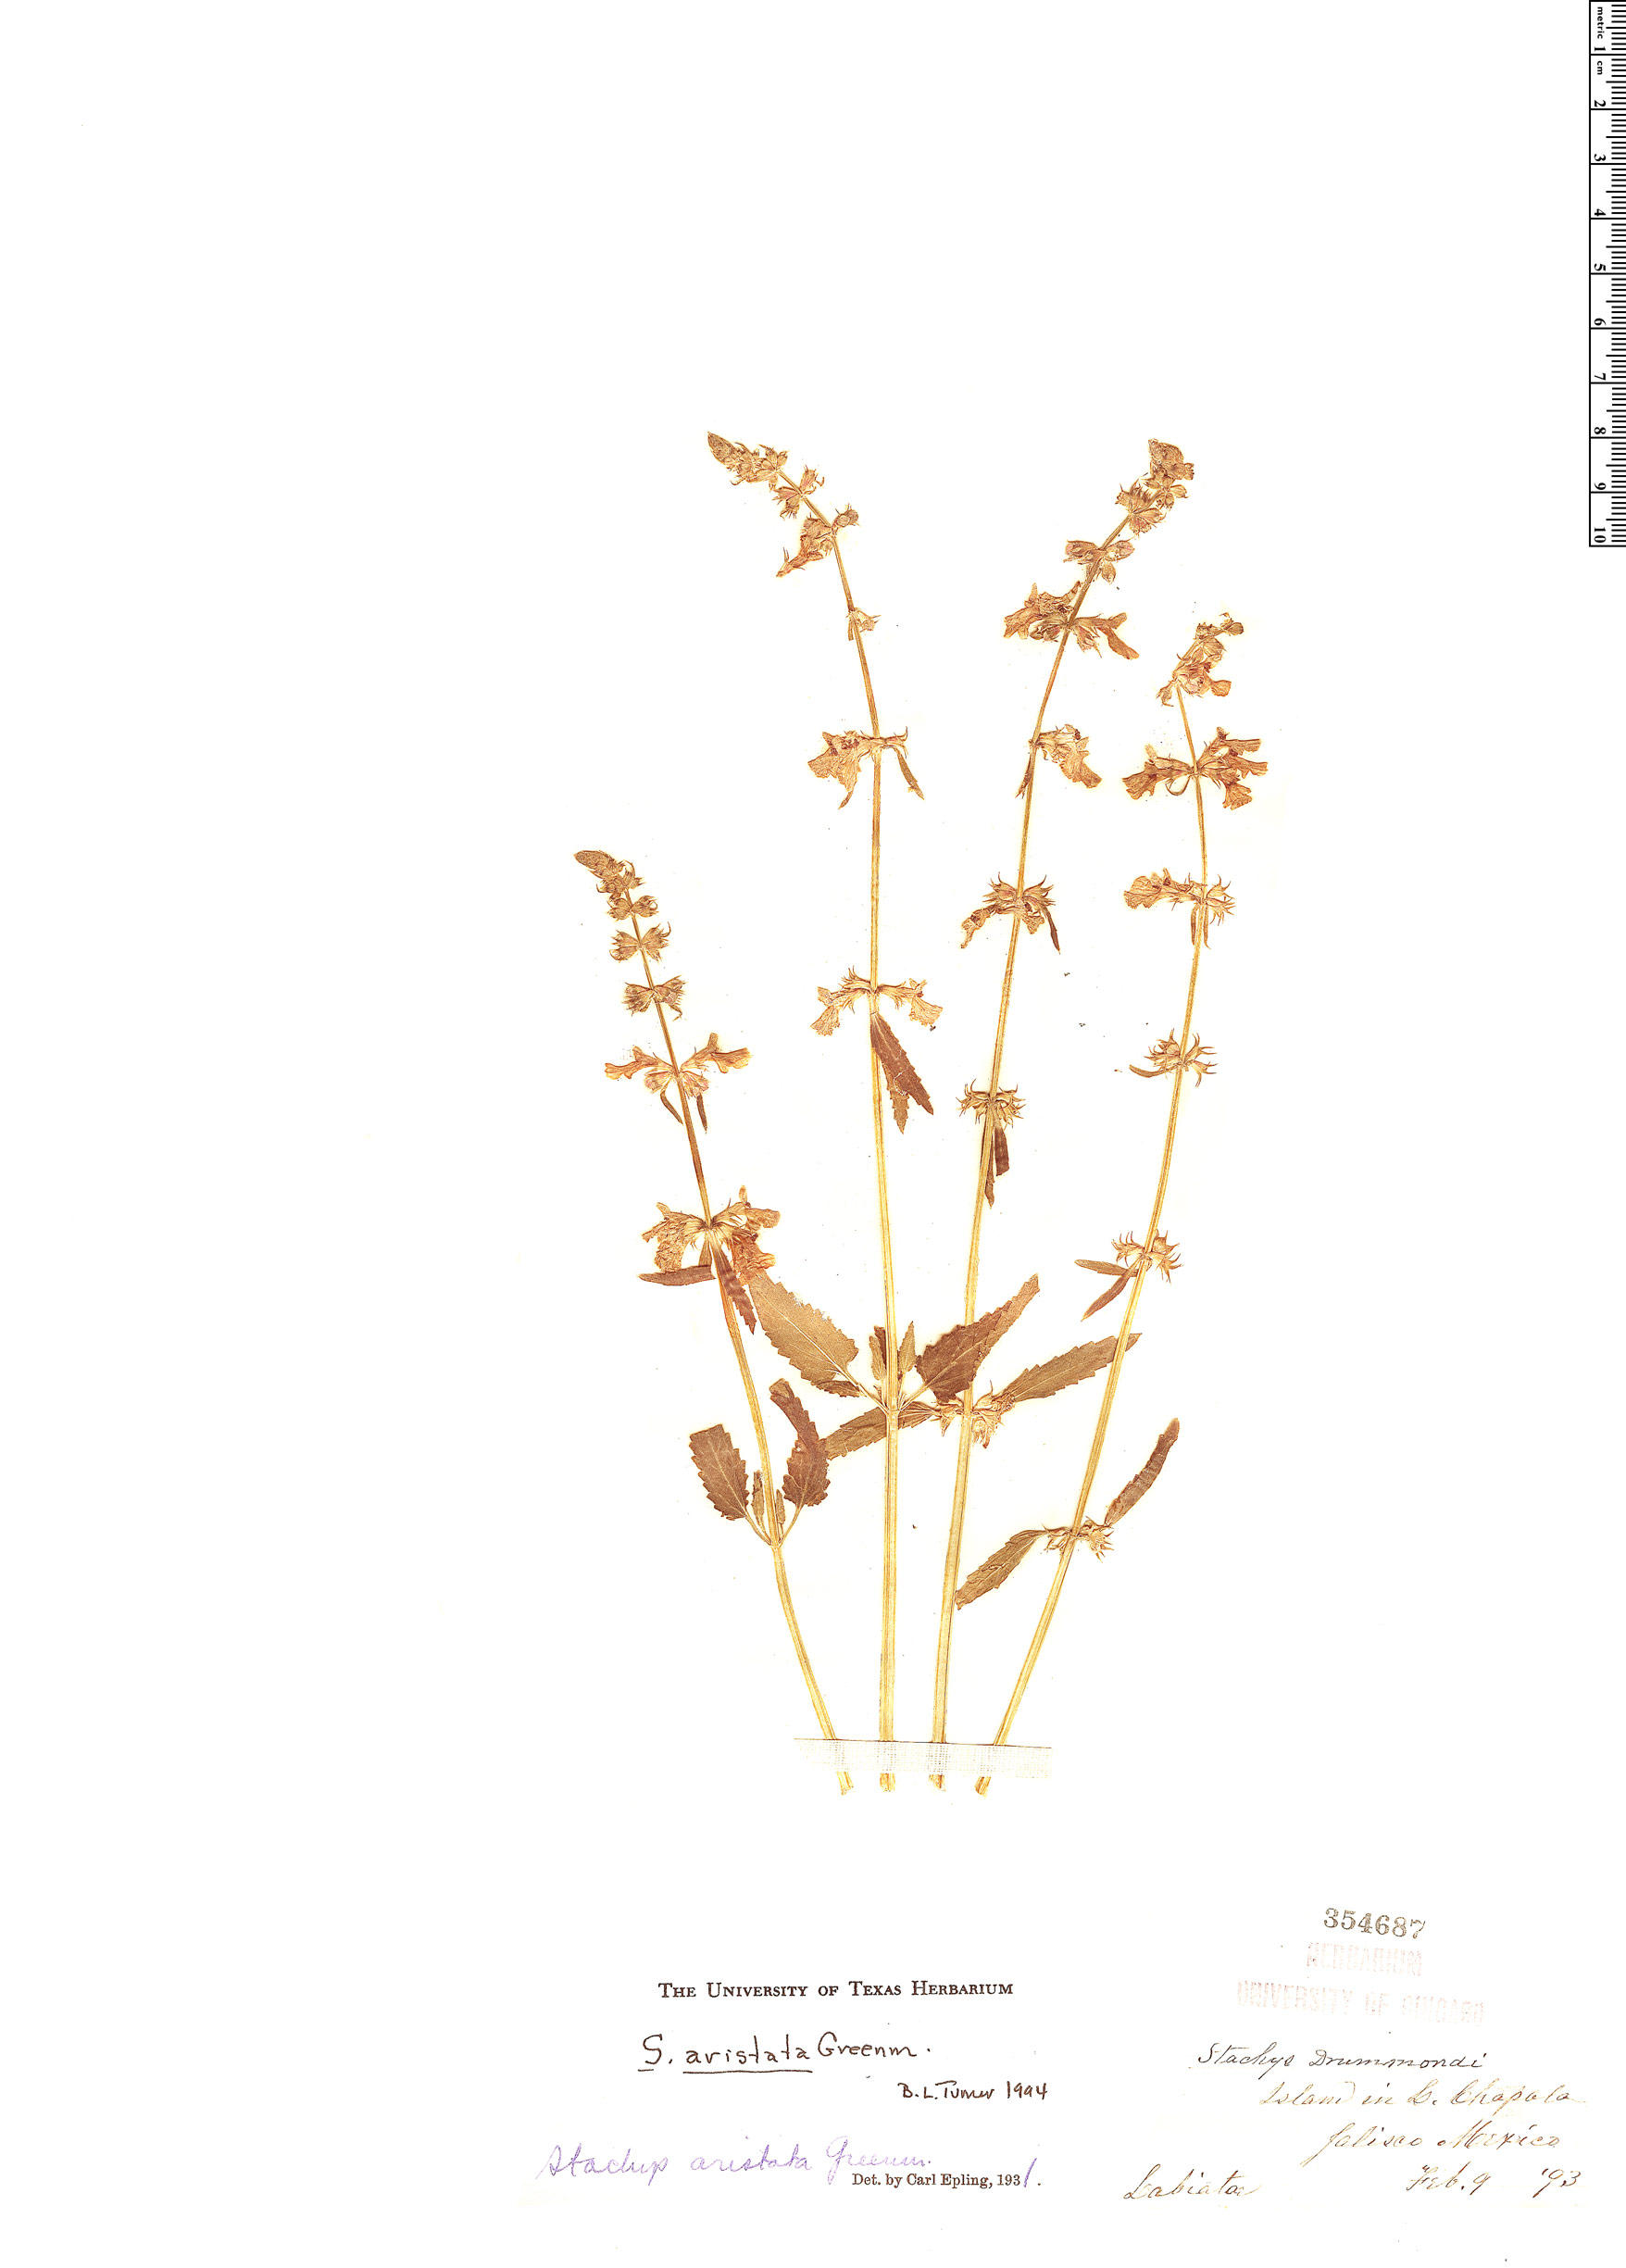 Specimen: Stachys aristata